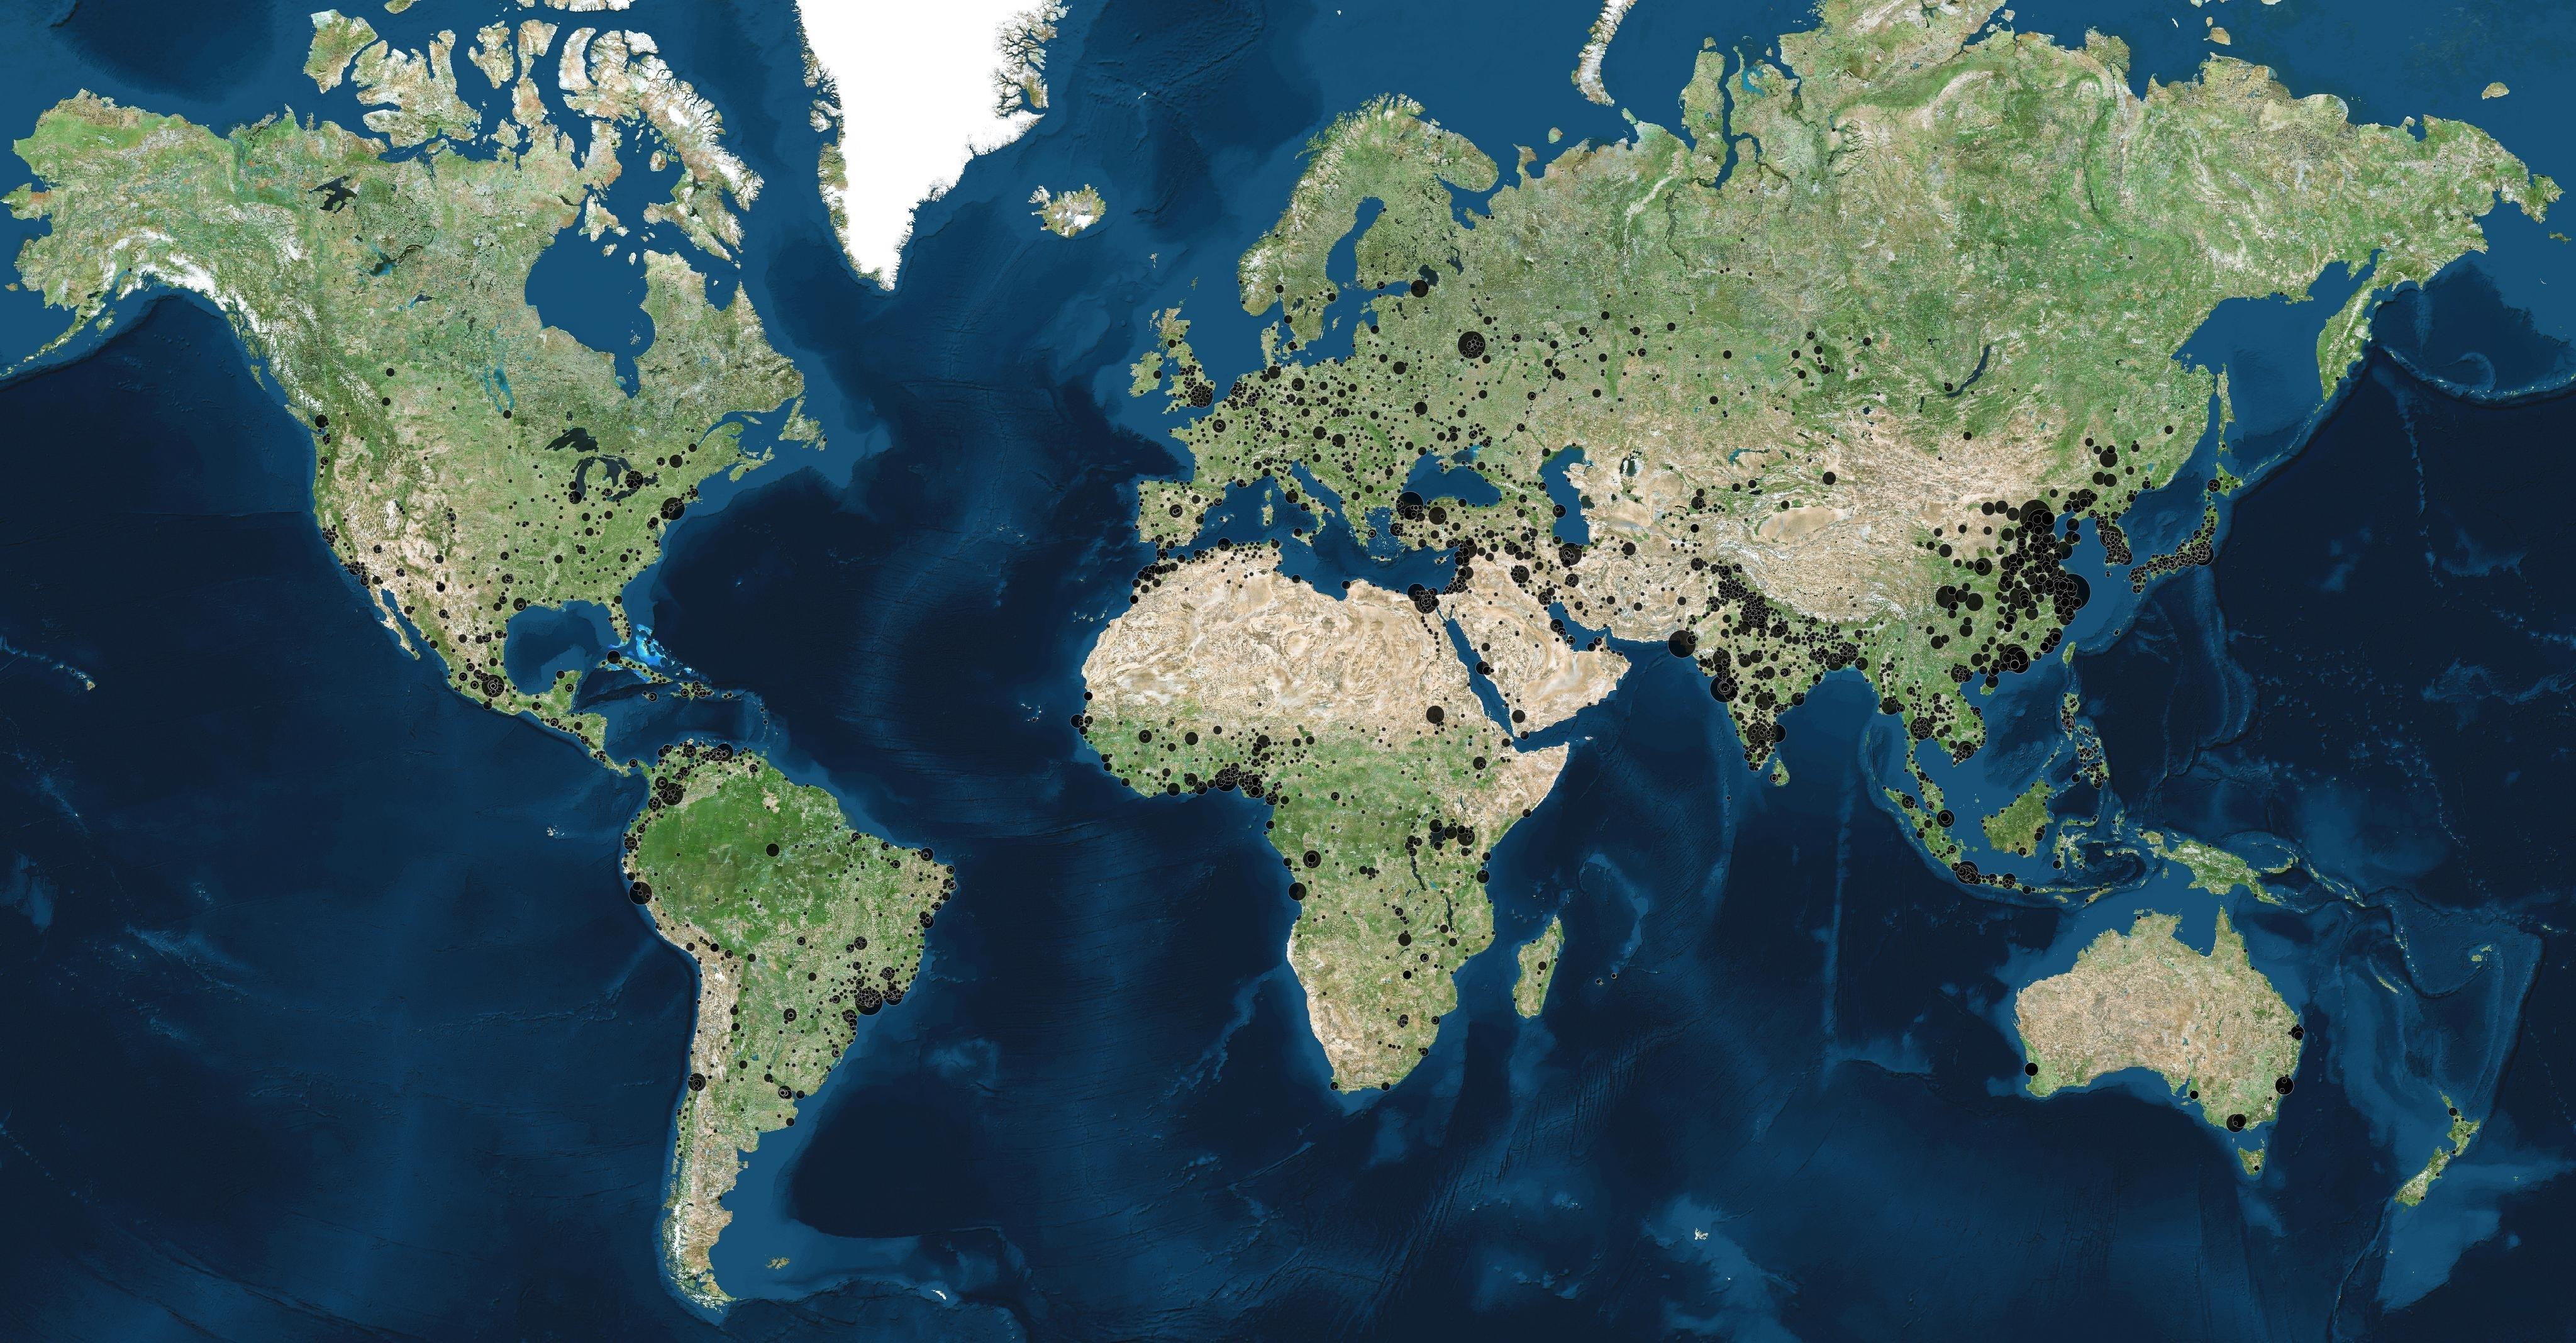 100 000 nəfərdən artıq əhalisi olan şəhərlərin xəritəsi